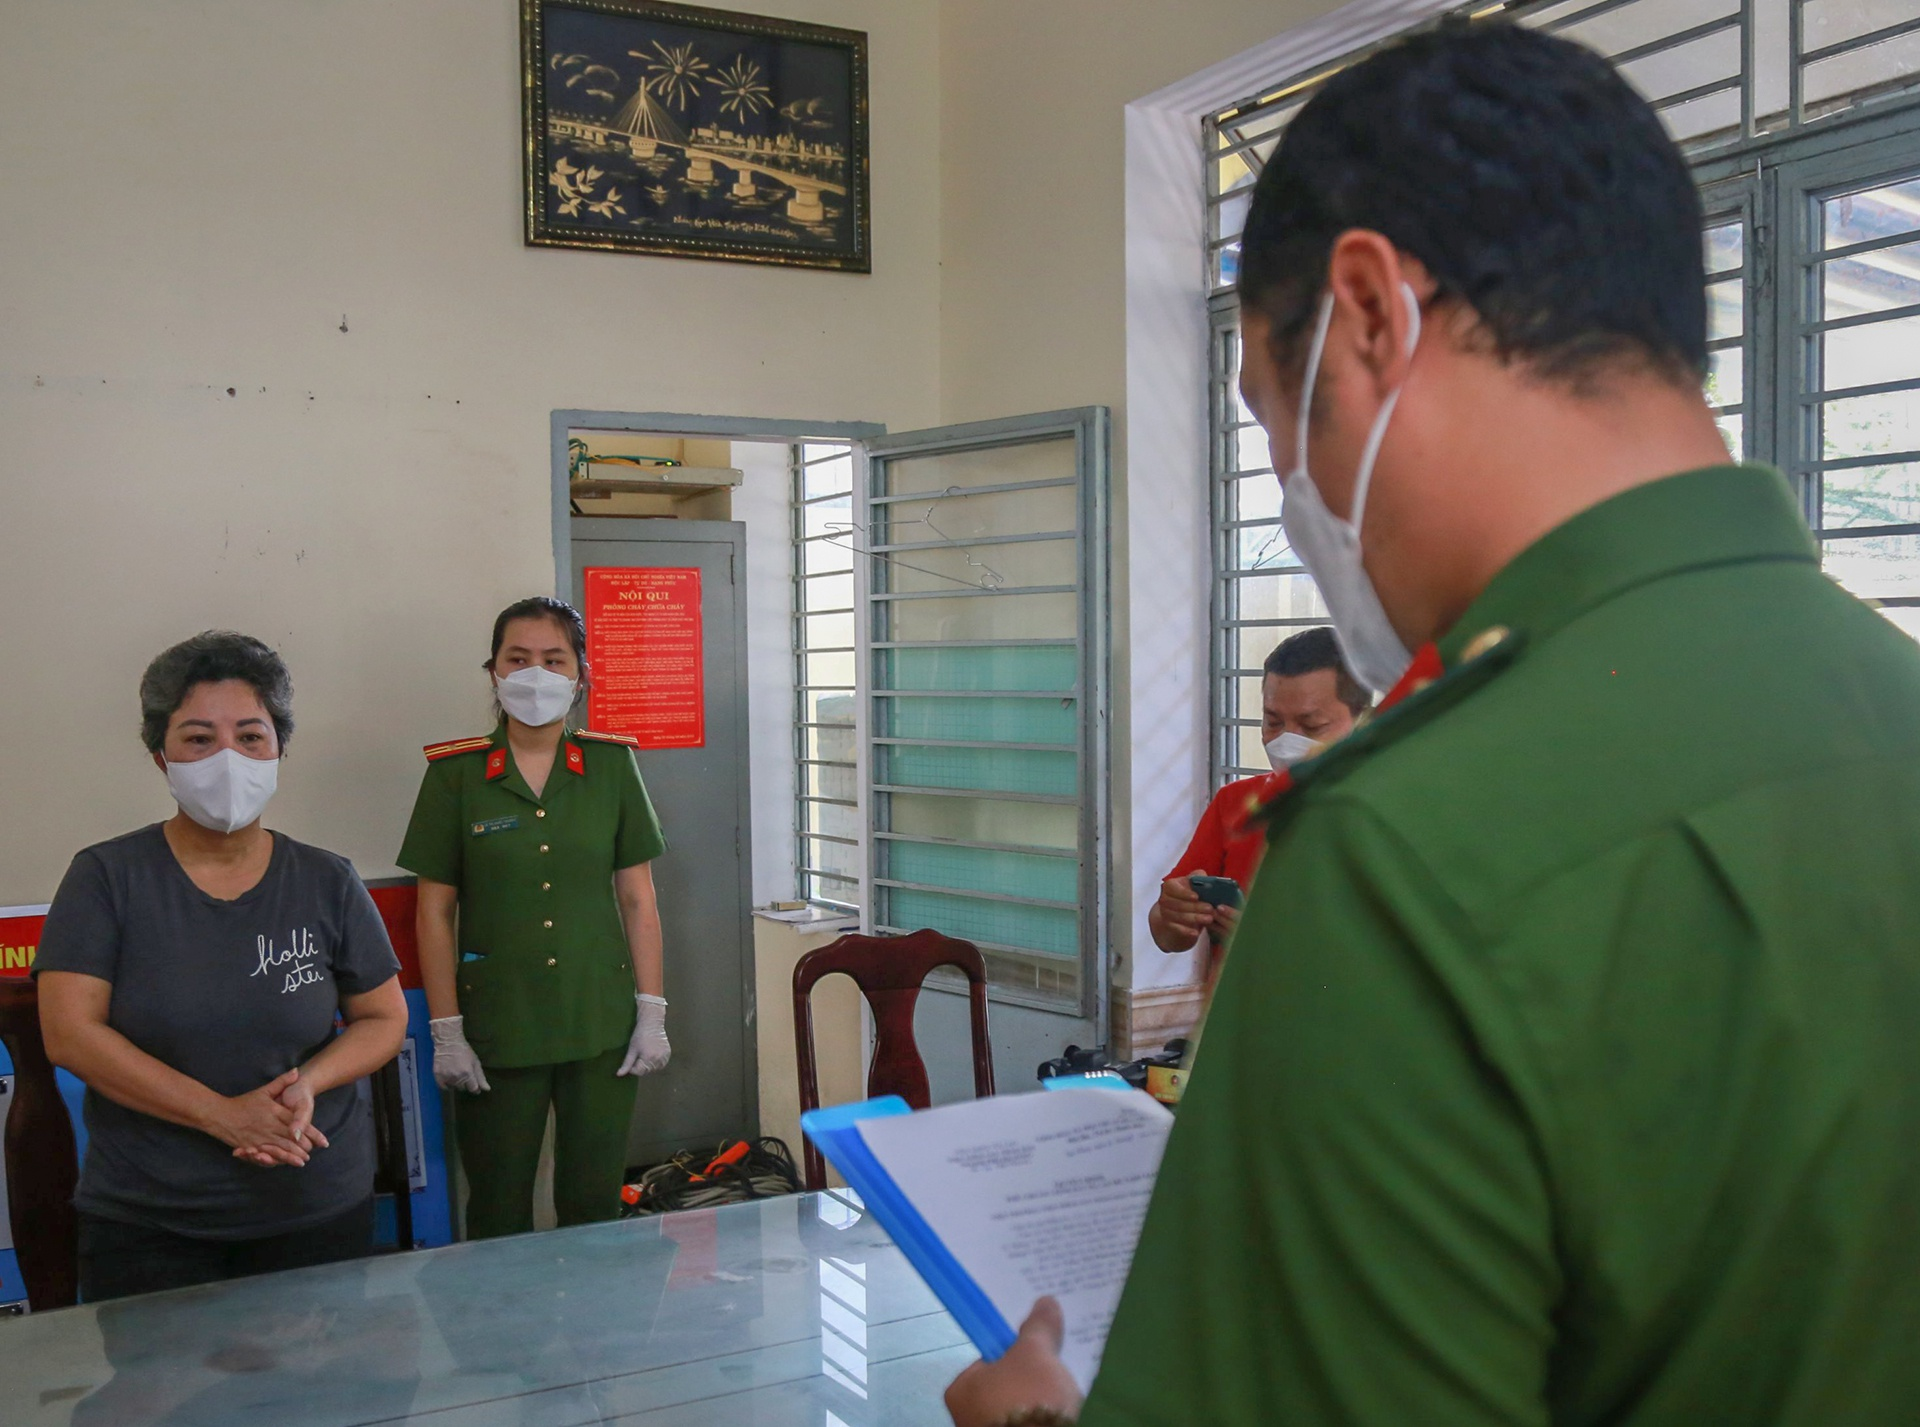 Giả chữ ký Chủ tịch phường để bán đất cho Việt kiều - Ảnh 1.